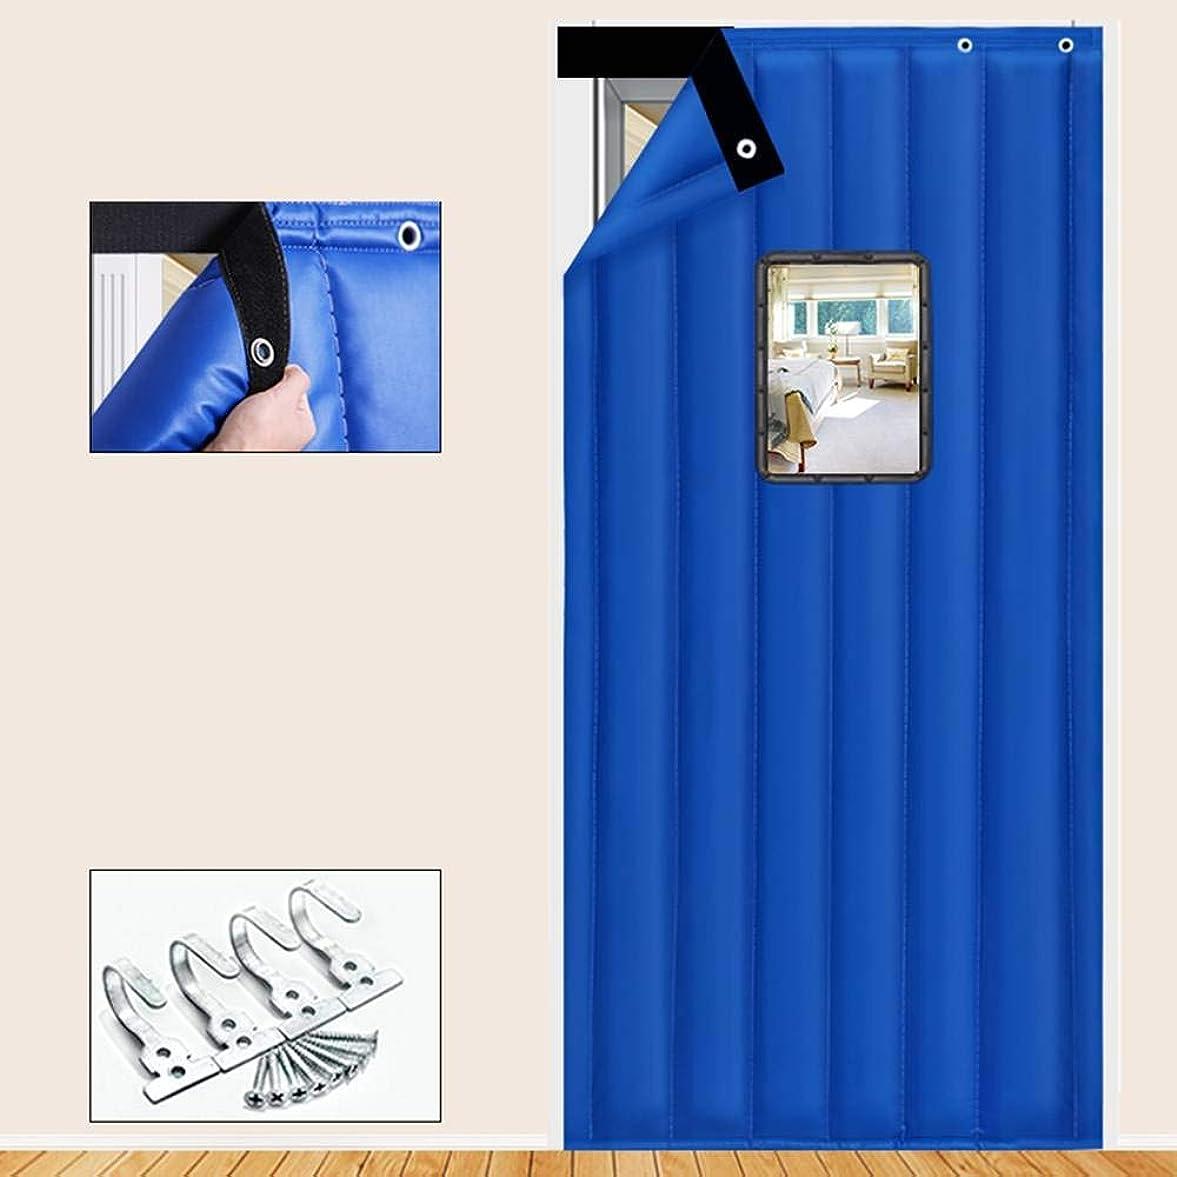 隠されたデザート強度冬のコットンドアカーテン防風性 防音カーテンホーム寮PUノイズベルクロカーテン-100×210センチメートル(39×83インチ)-S